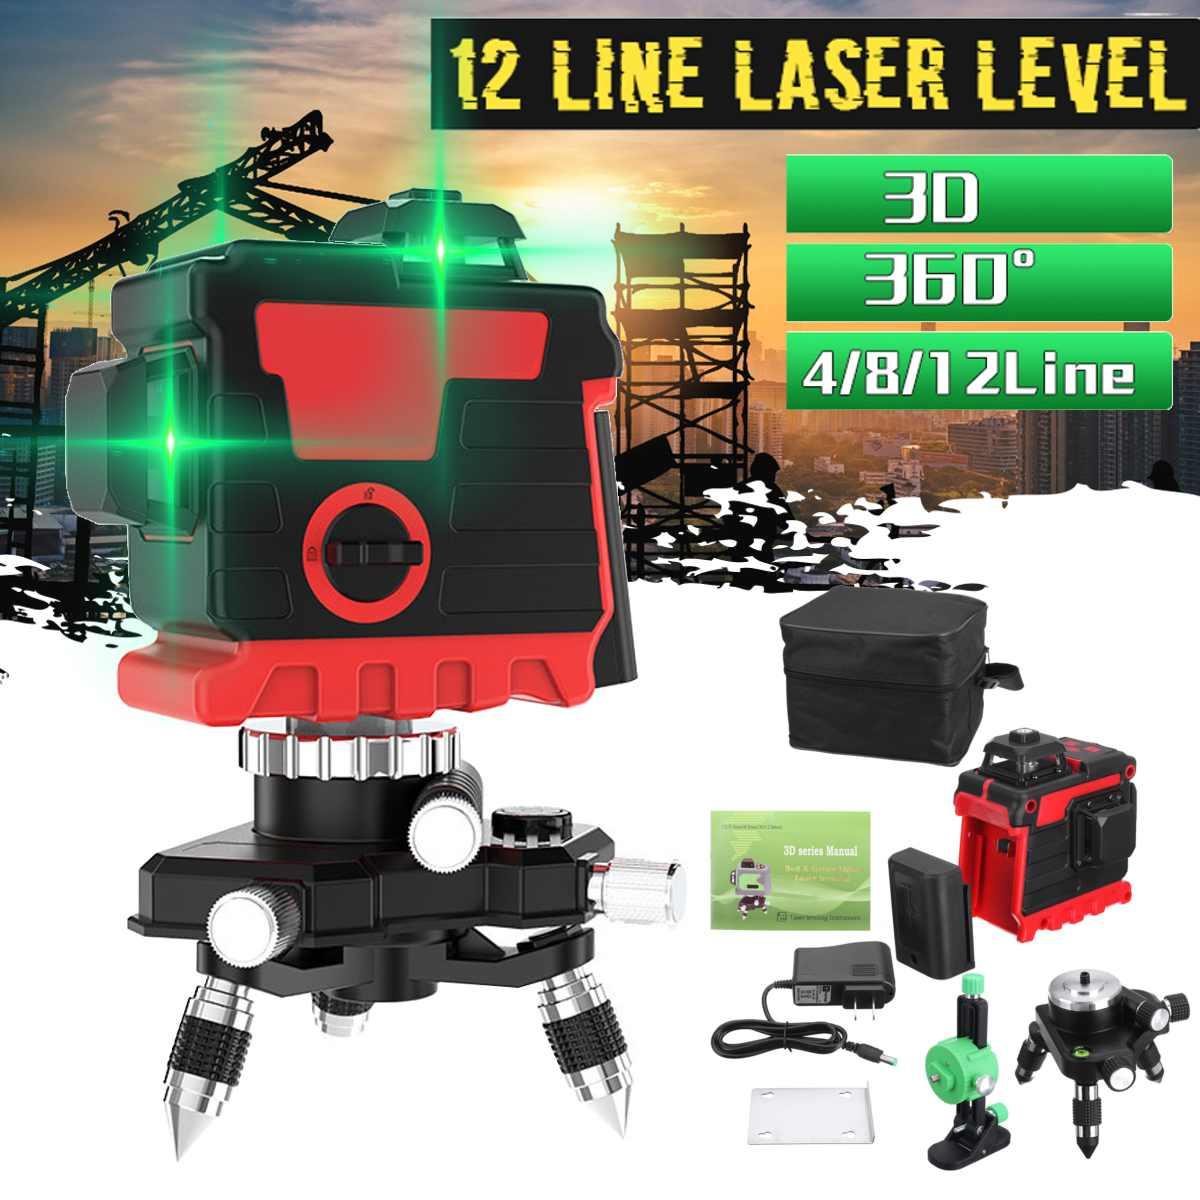 Poziom lasera 12 linii zielona linia 3D samopoziomujący 360 poziome i pionowe laser o dużej mocy laser z zielonym strumieniem